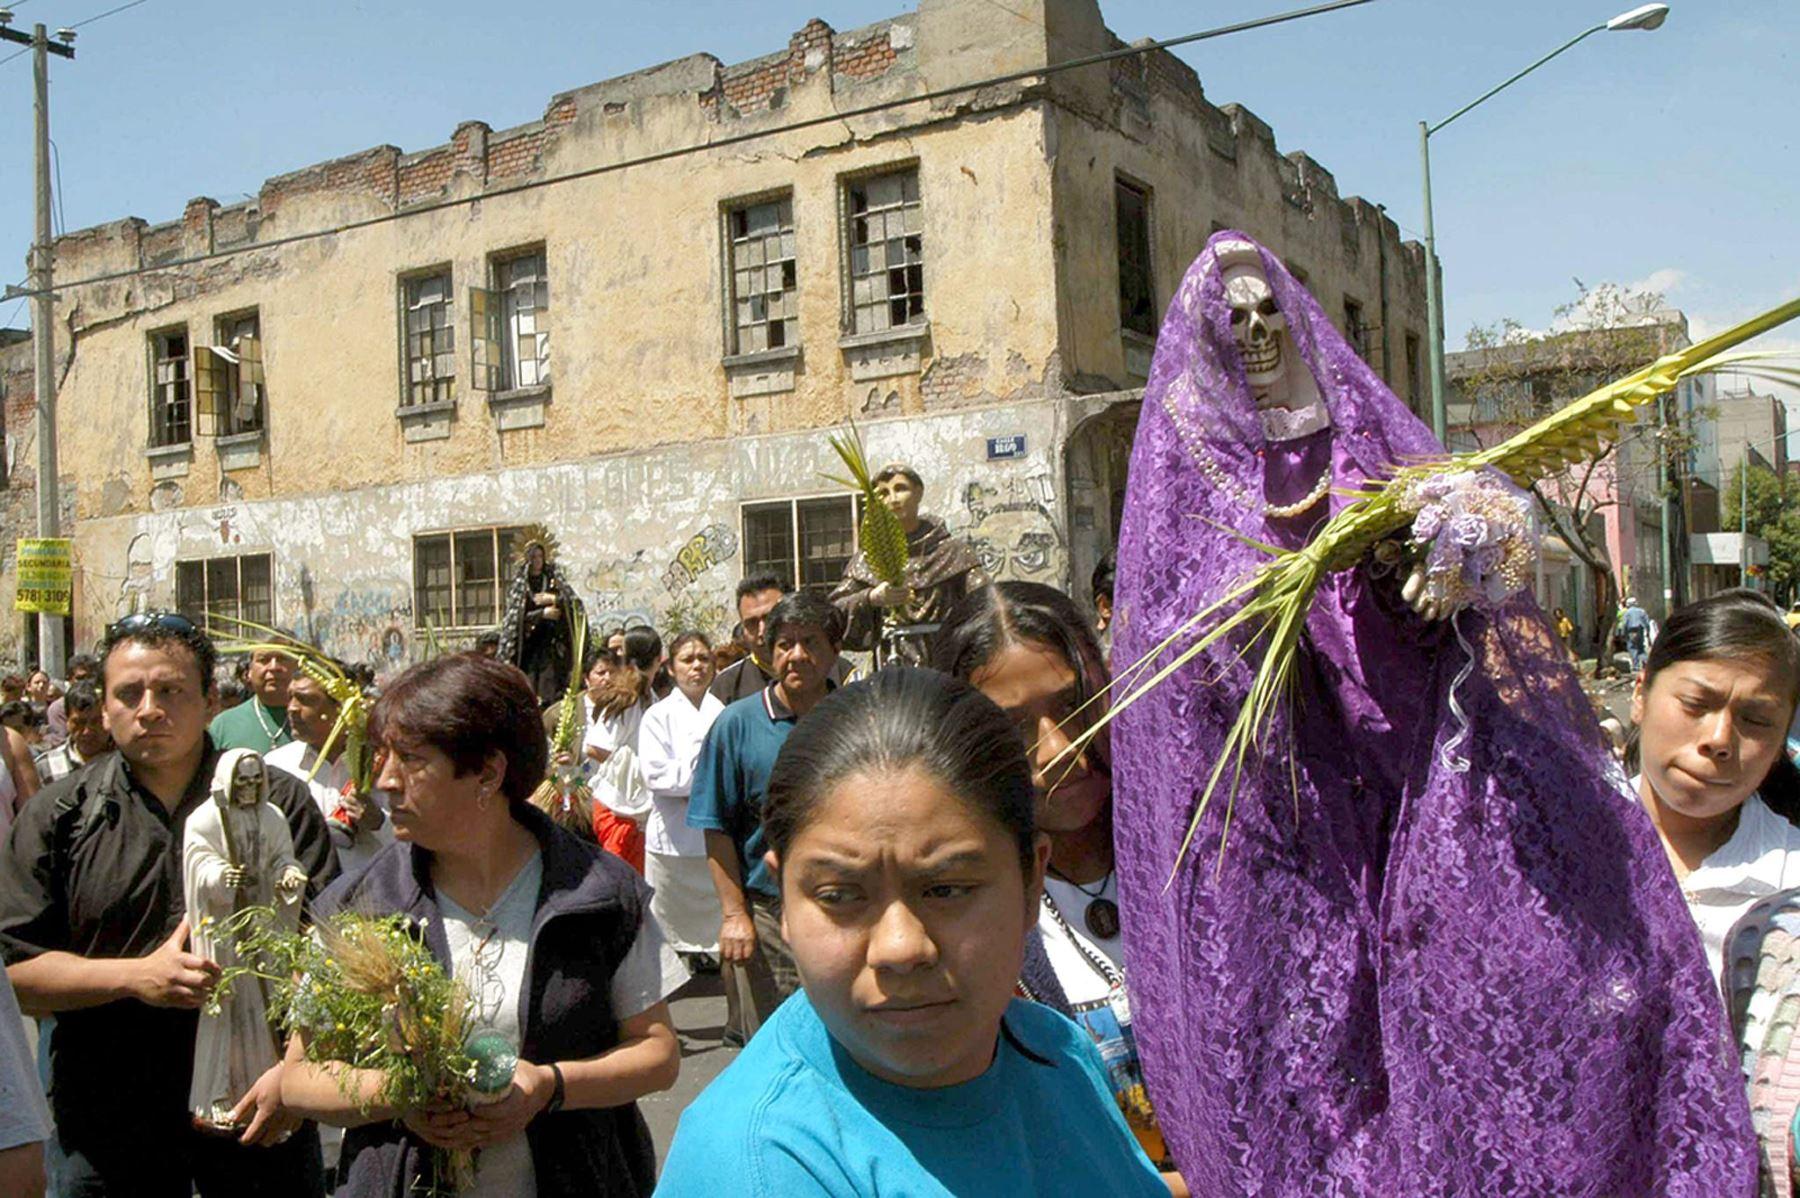 Católicos cargan la imagen de la Santa Muerte mientras caminan en las calles del barrio de Tepito de Ciudad de México, durante una procesión del Domingo de Ramos, en el inicio de la Semana Santa. Foto:AFP